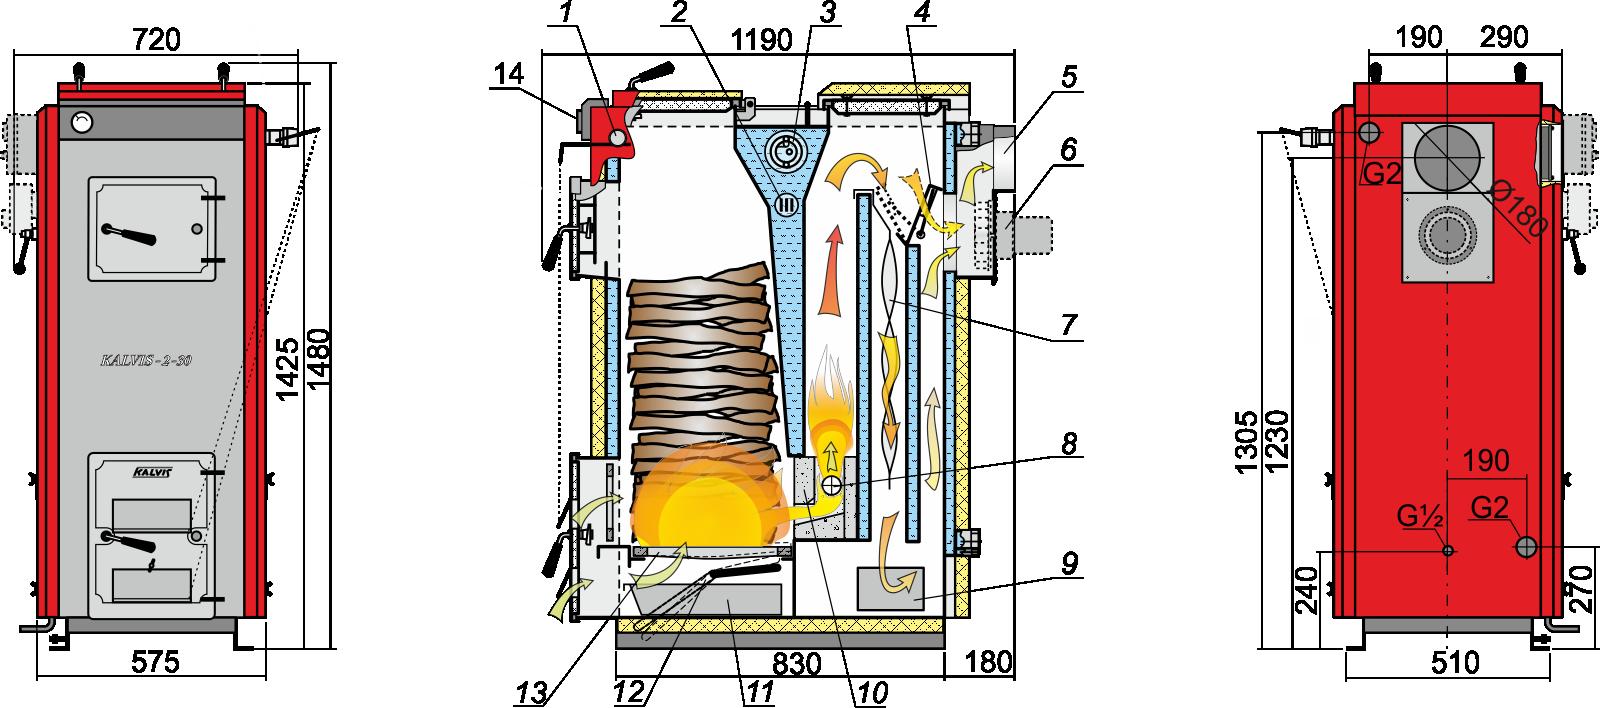 k-2-30_schema.png